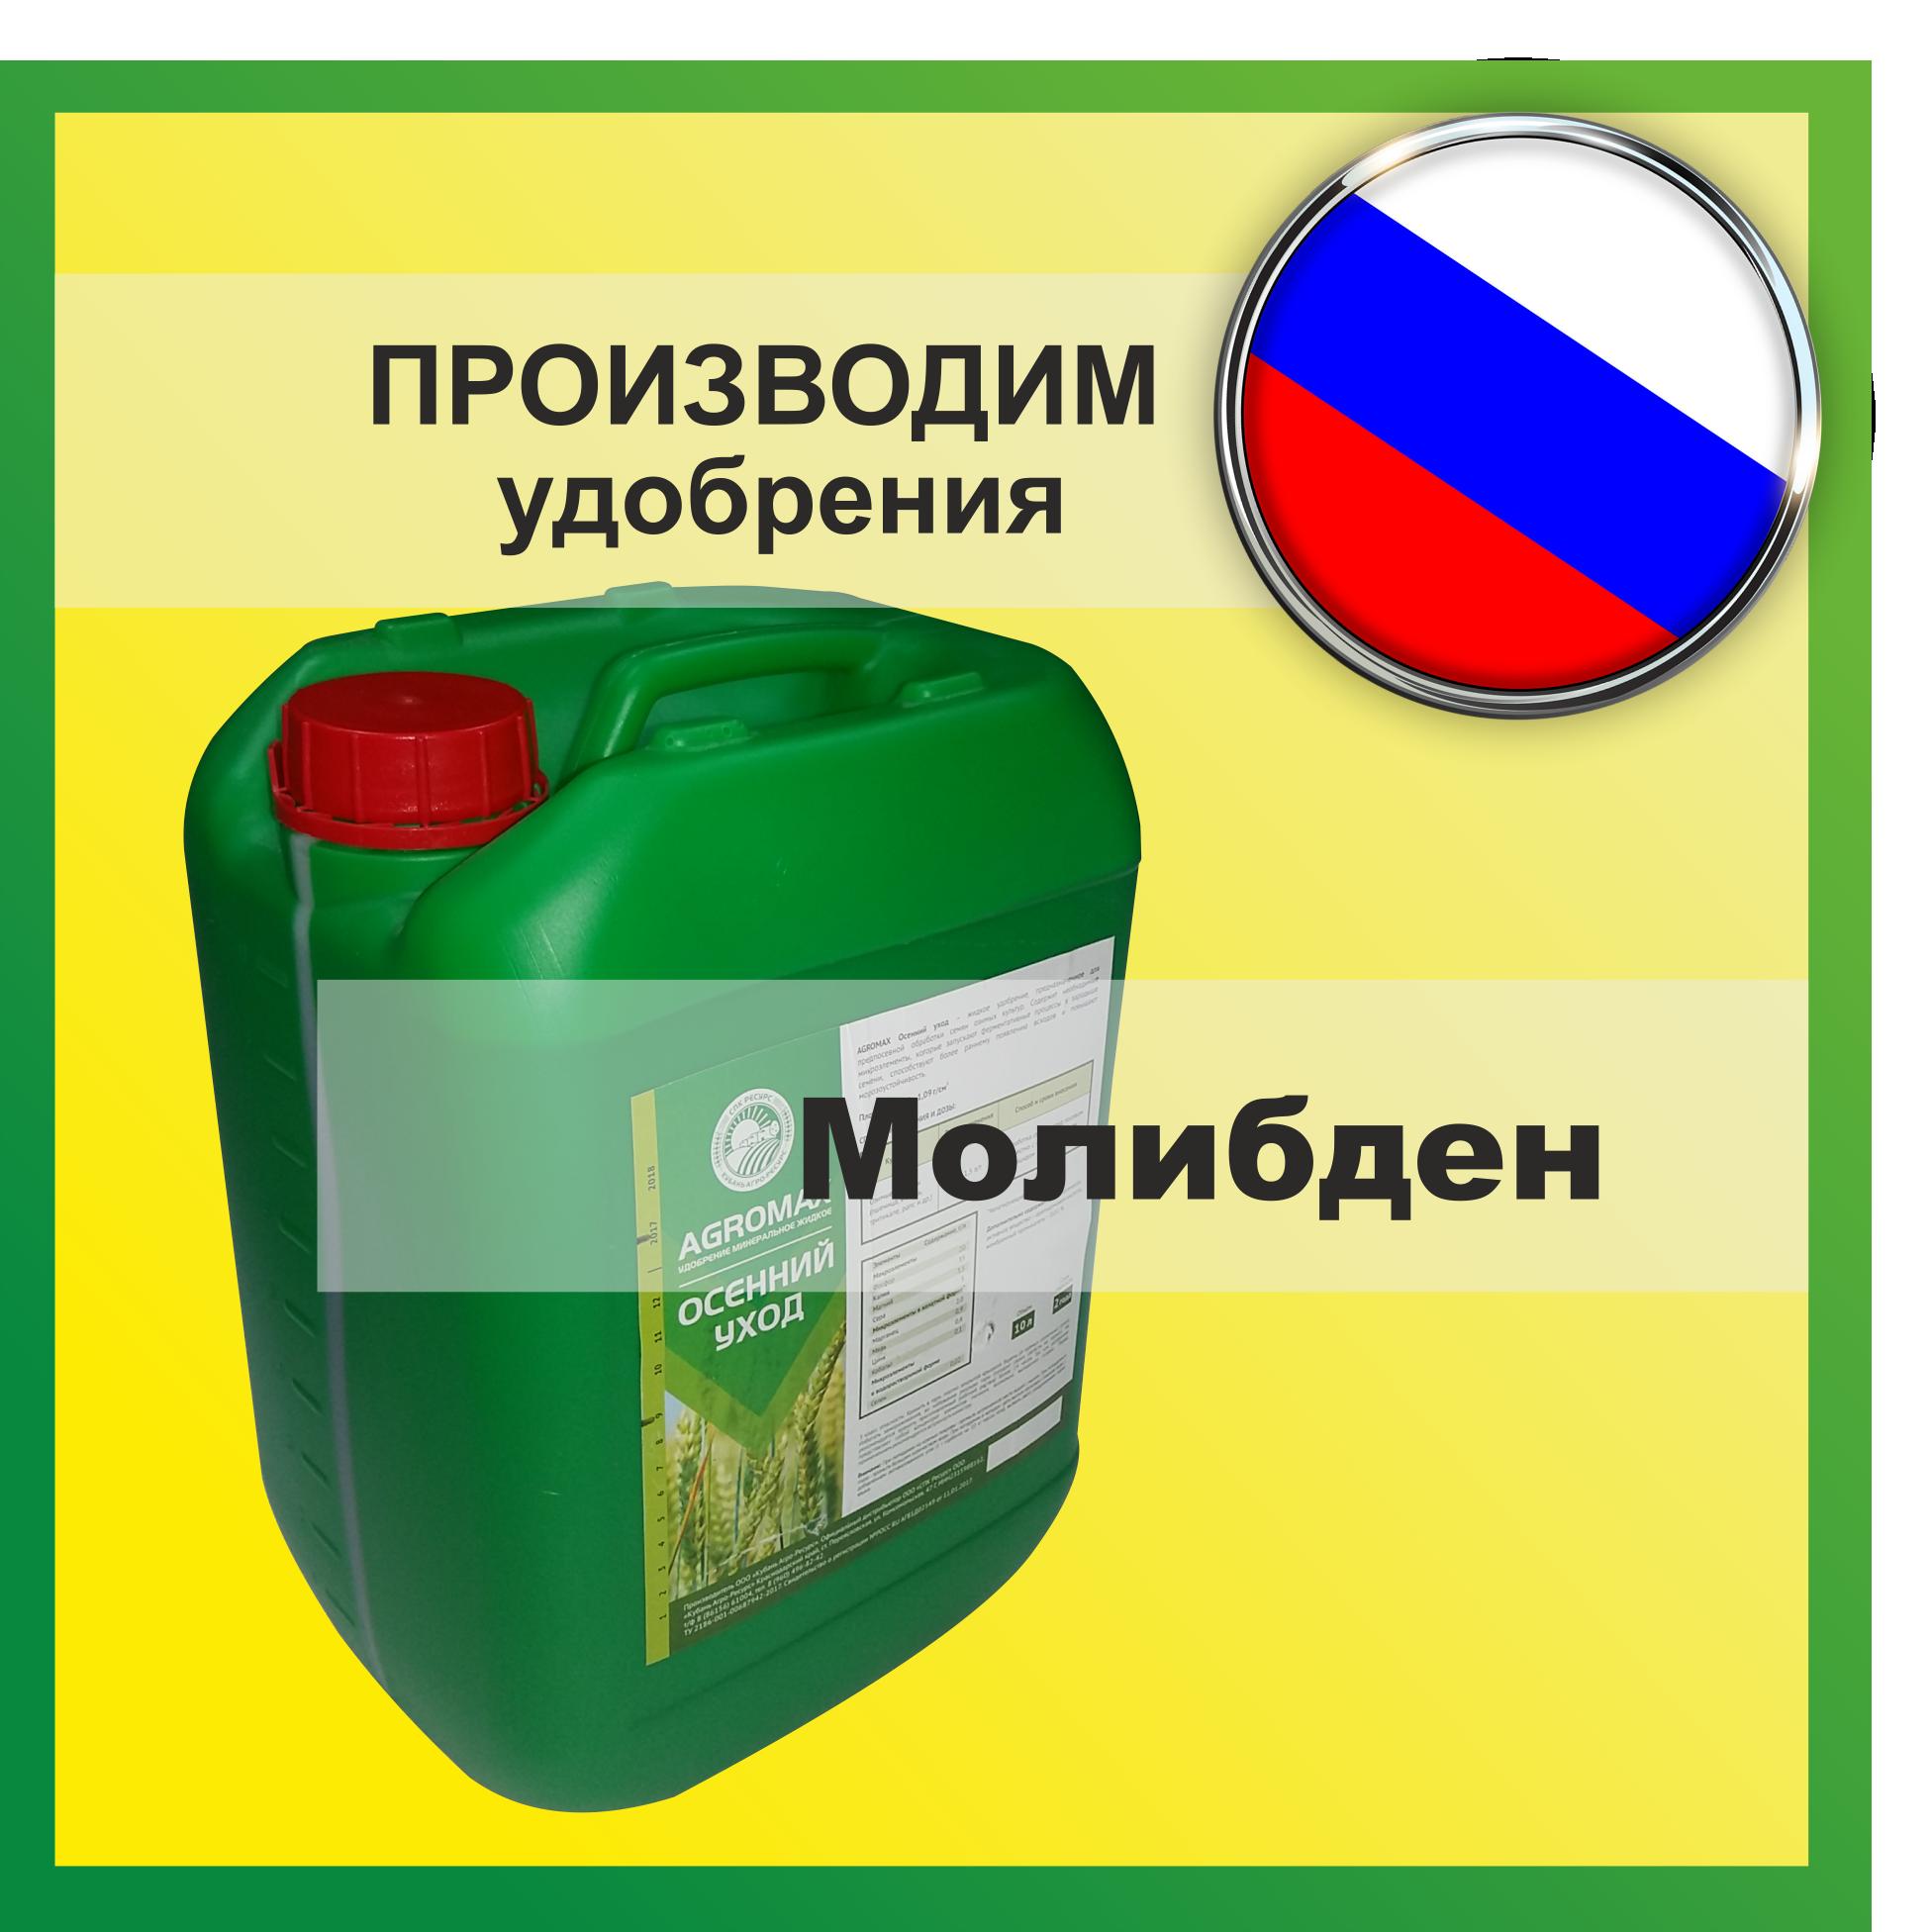 Molibden-udobrenie-agromaks-1-1